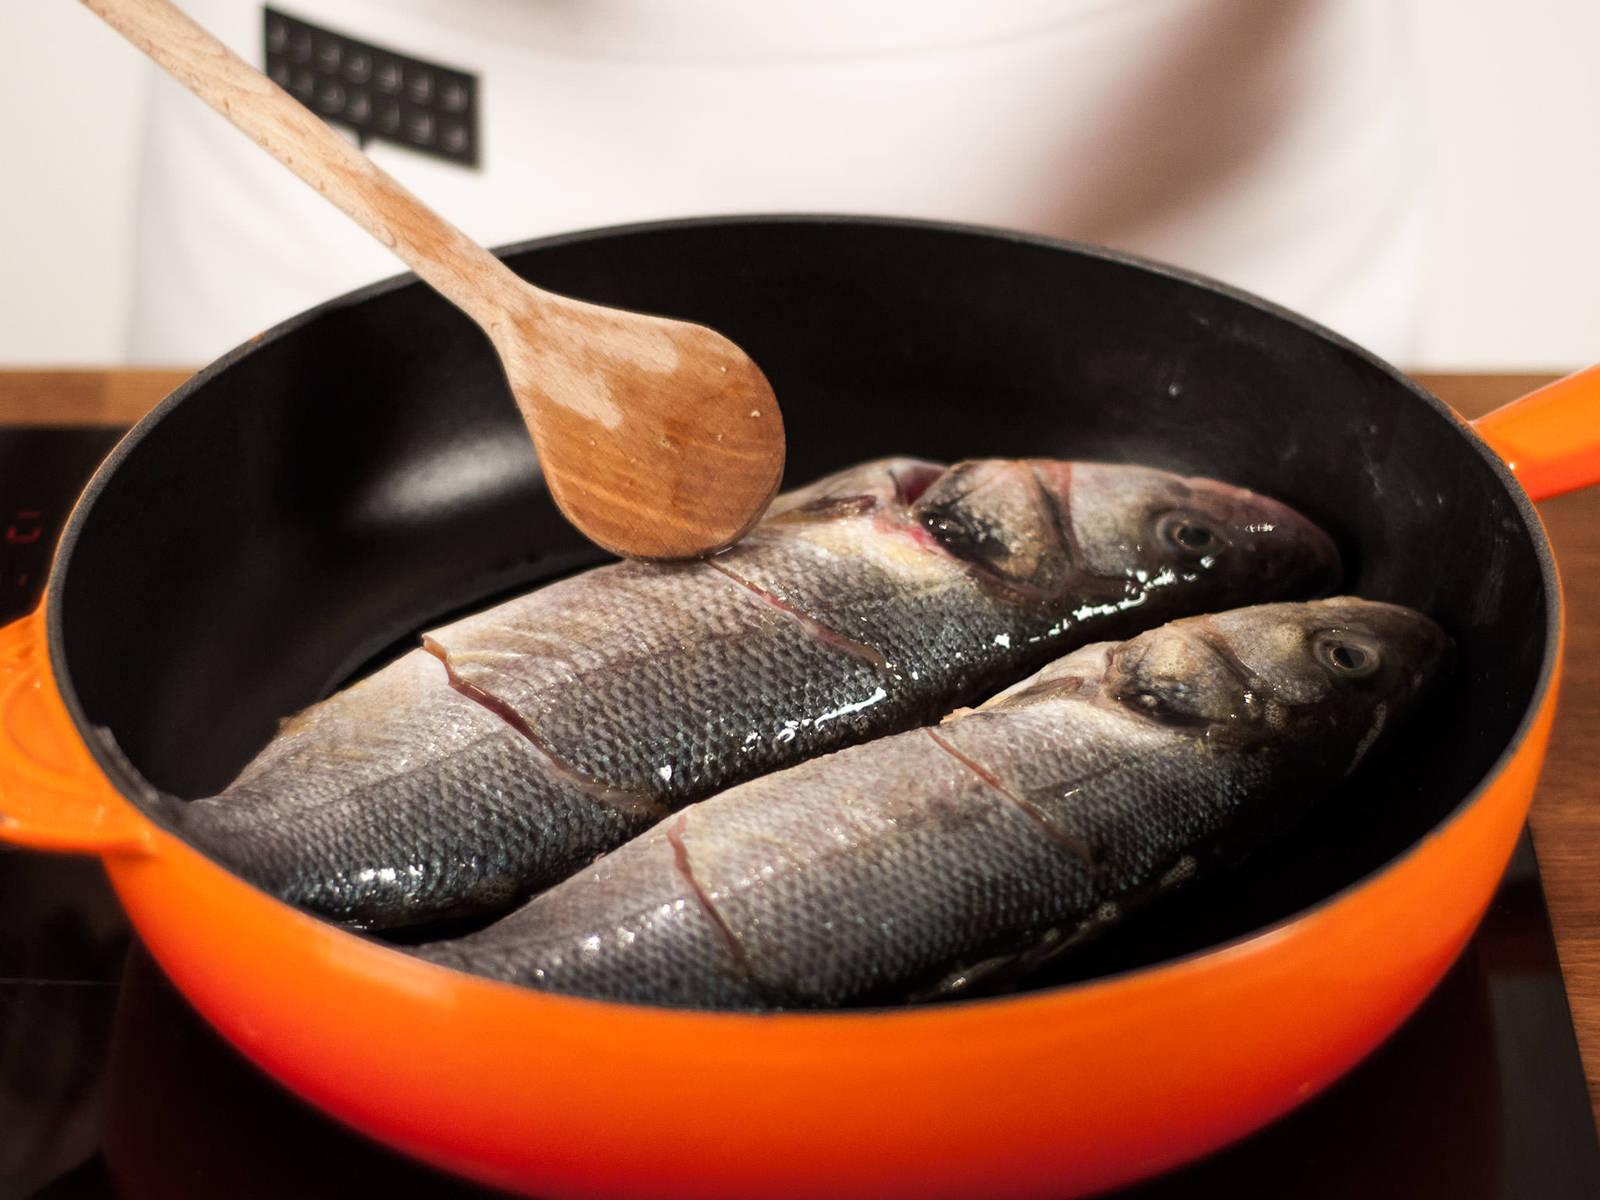 在锅中加热少许植物油。放入鱼,每面煎约1分钟。